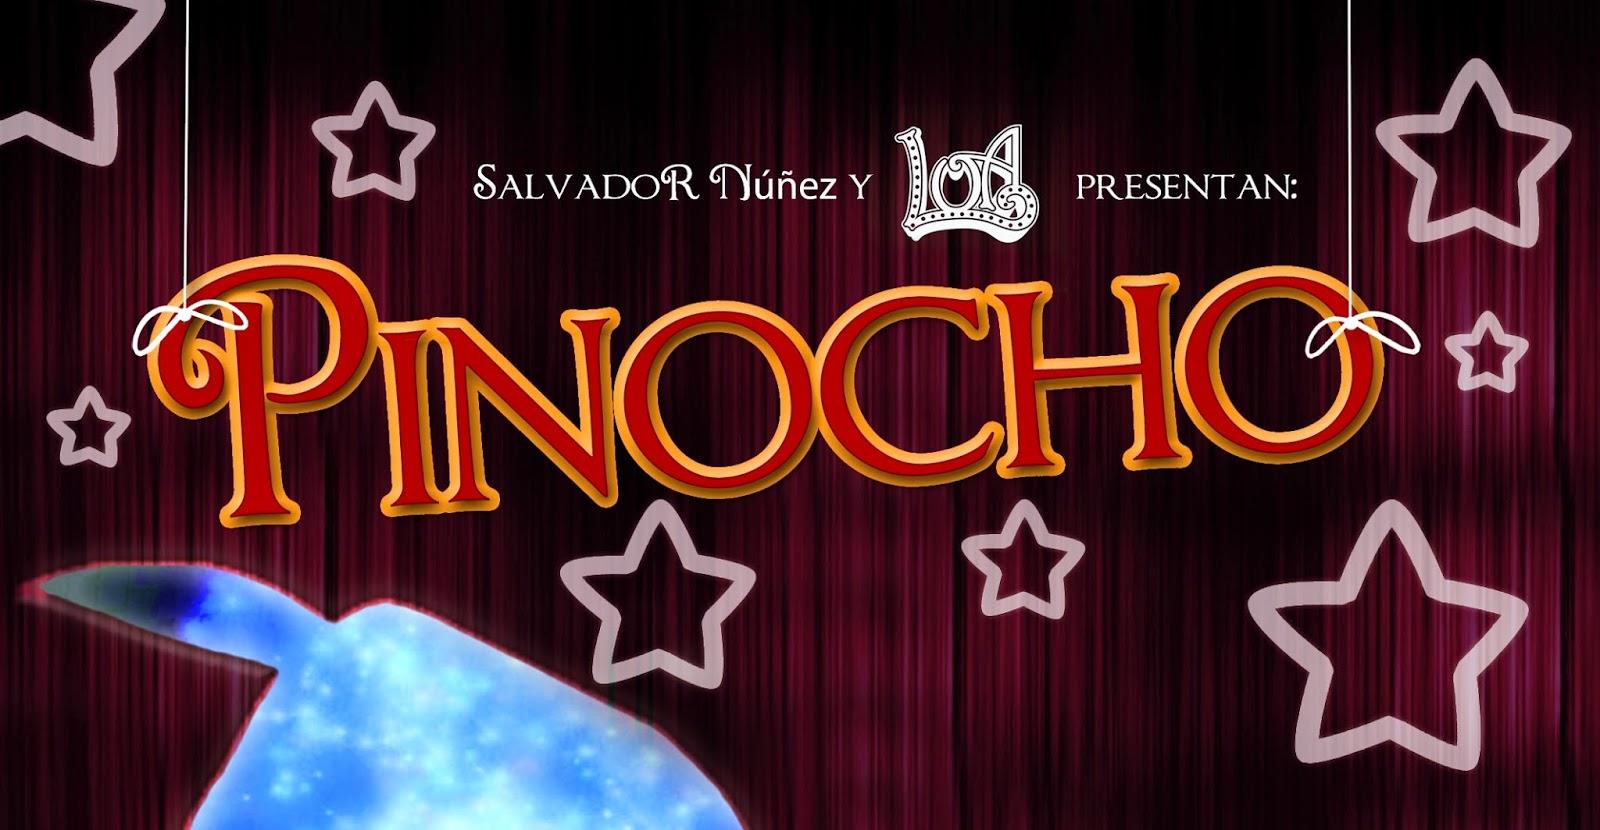 El espectáculo de Pinocho